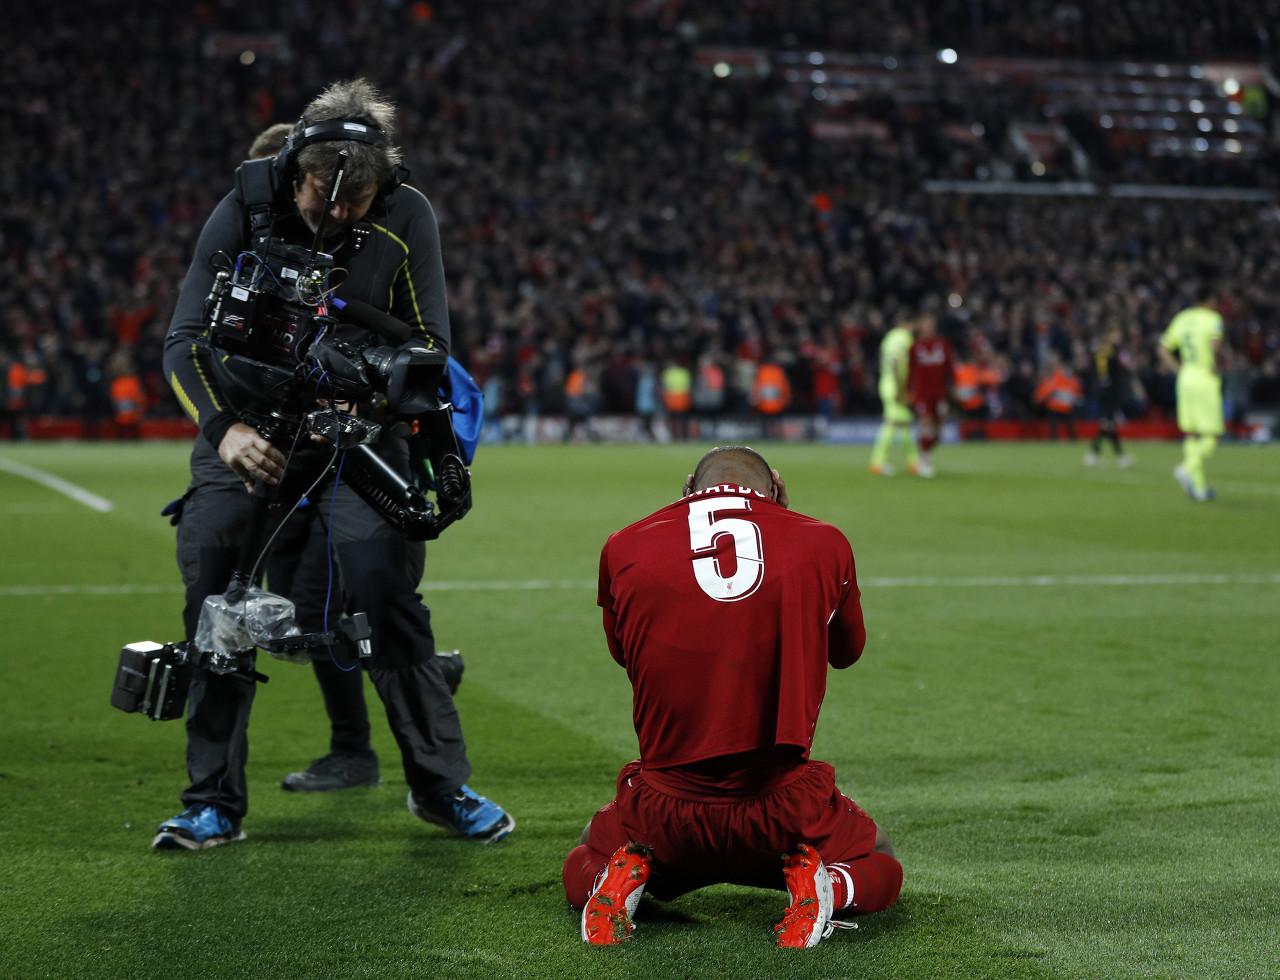 巴恩斯:若维纳尔杜姆离队,利物浦会找到更好的人代替他